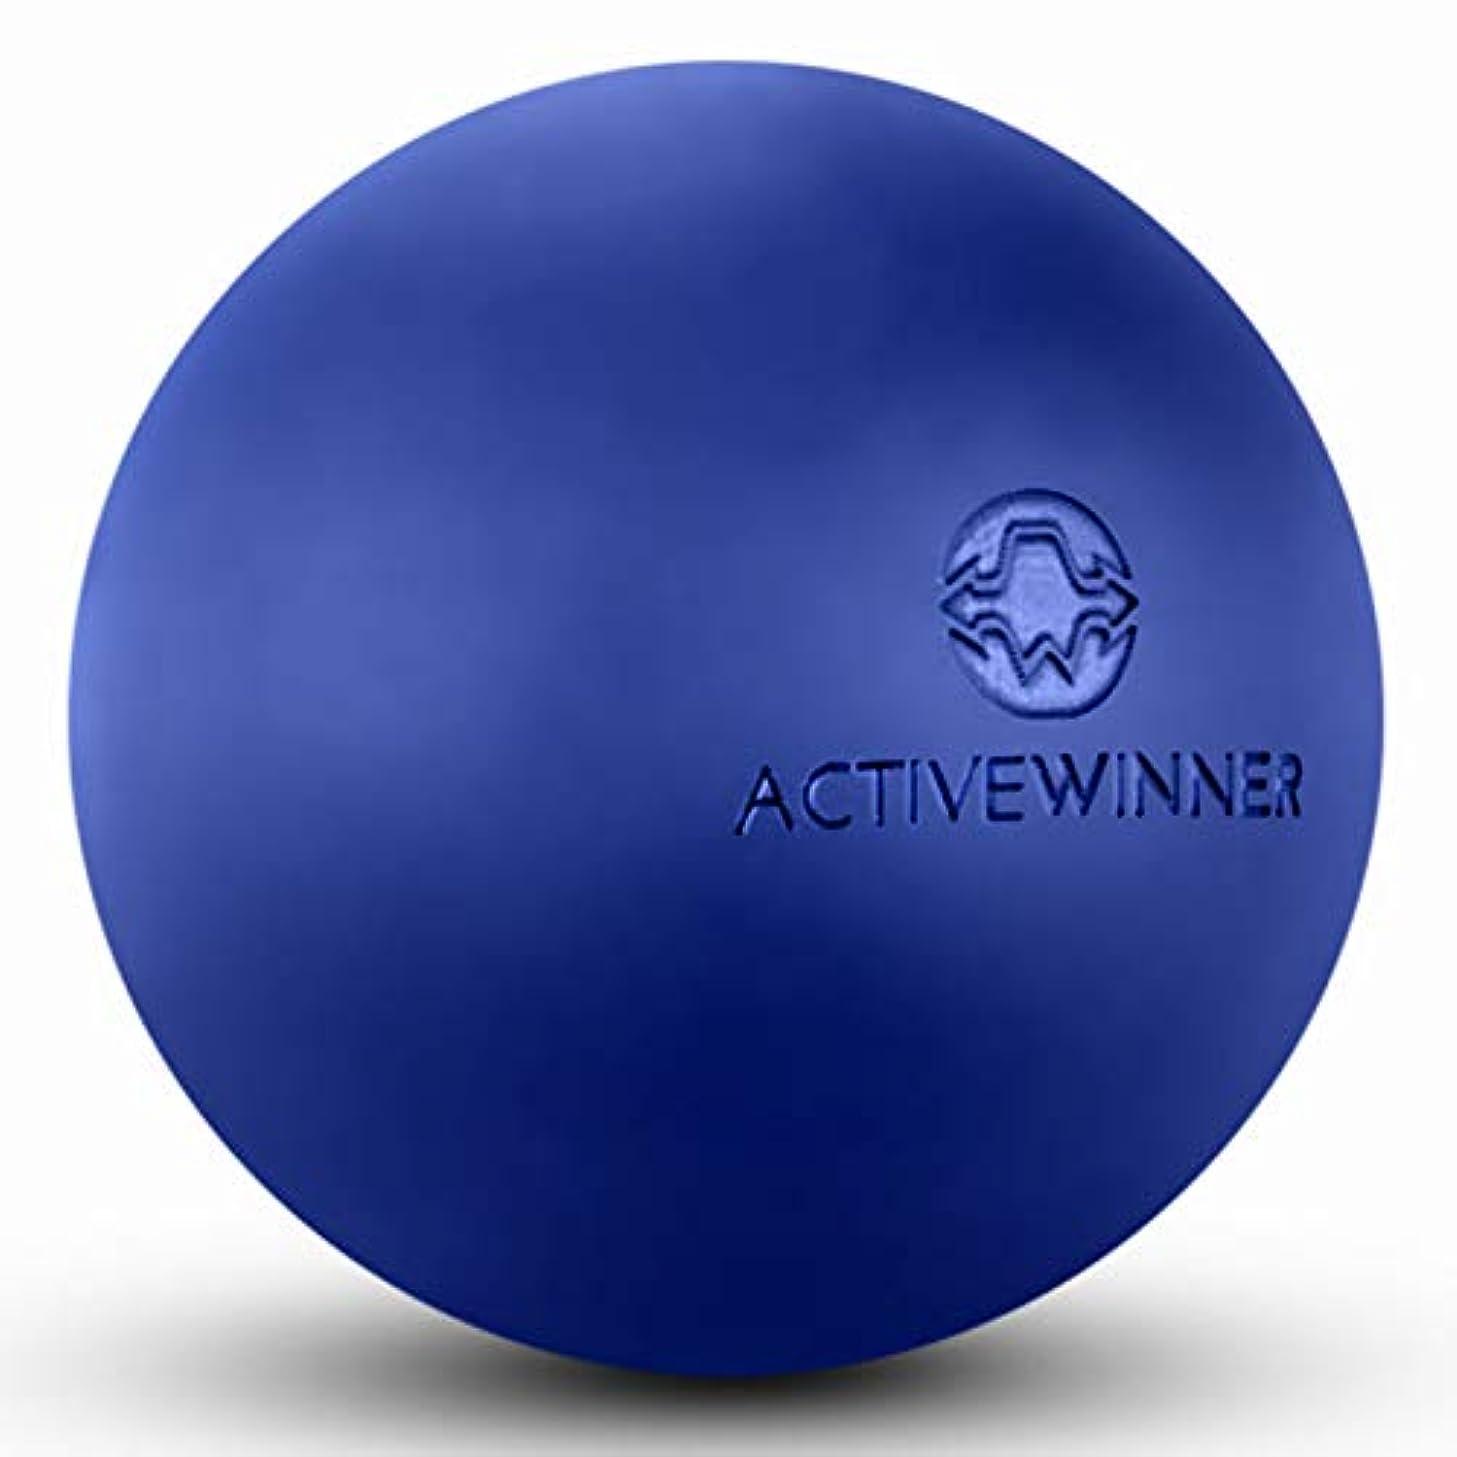 止まる宇宙船ボタンActive Winner マッサージボール トリガーポイント (ネイビー) ストレッチボール 筋膜リリース トレーニング 背中 肩こり 腰 ふくらはぎ 足 ツボ押し